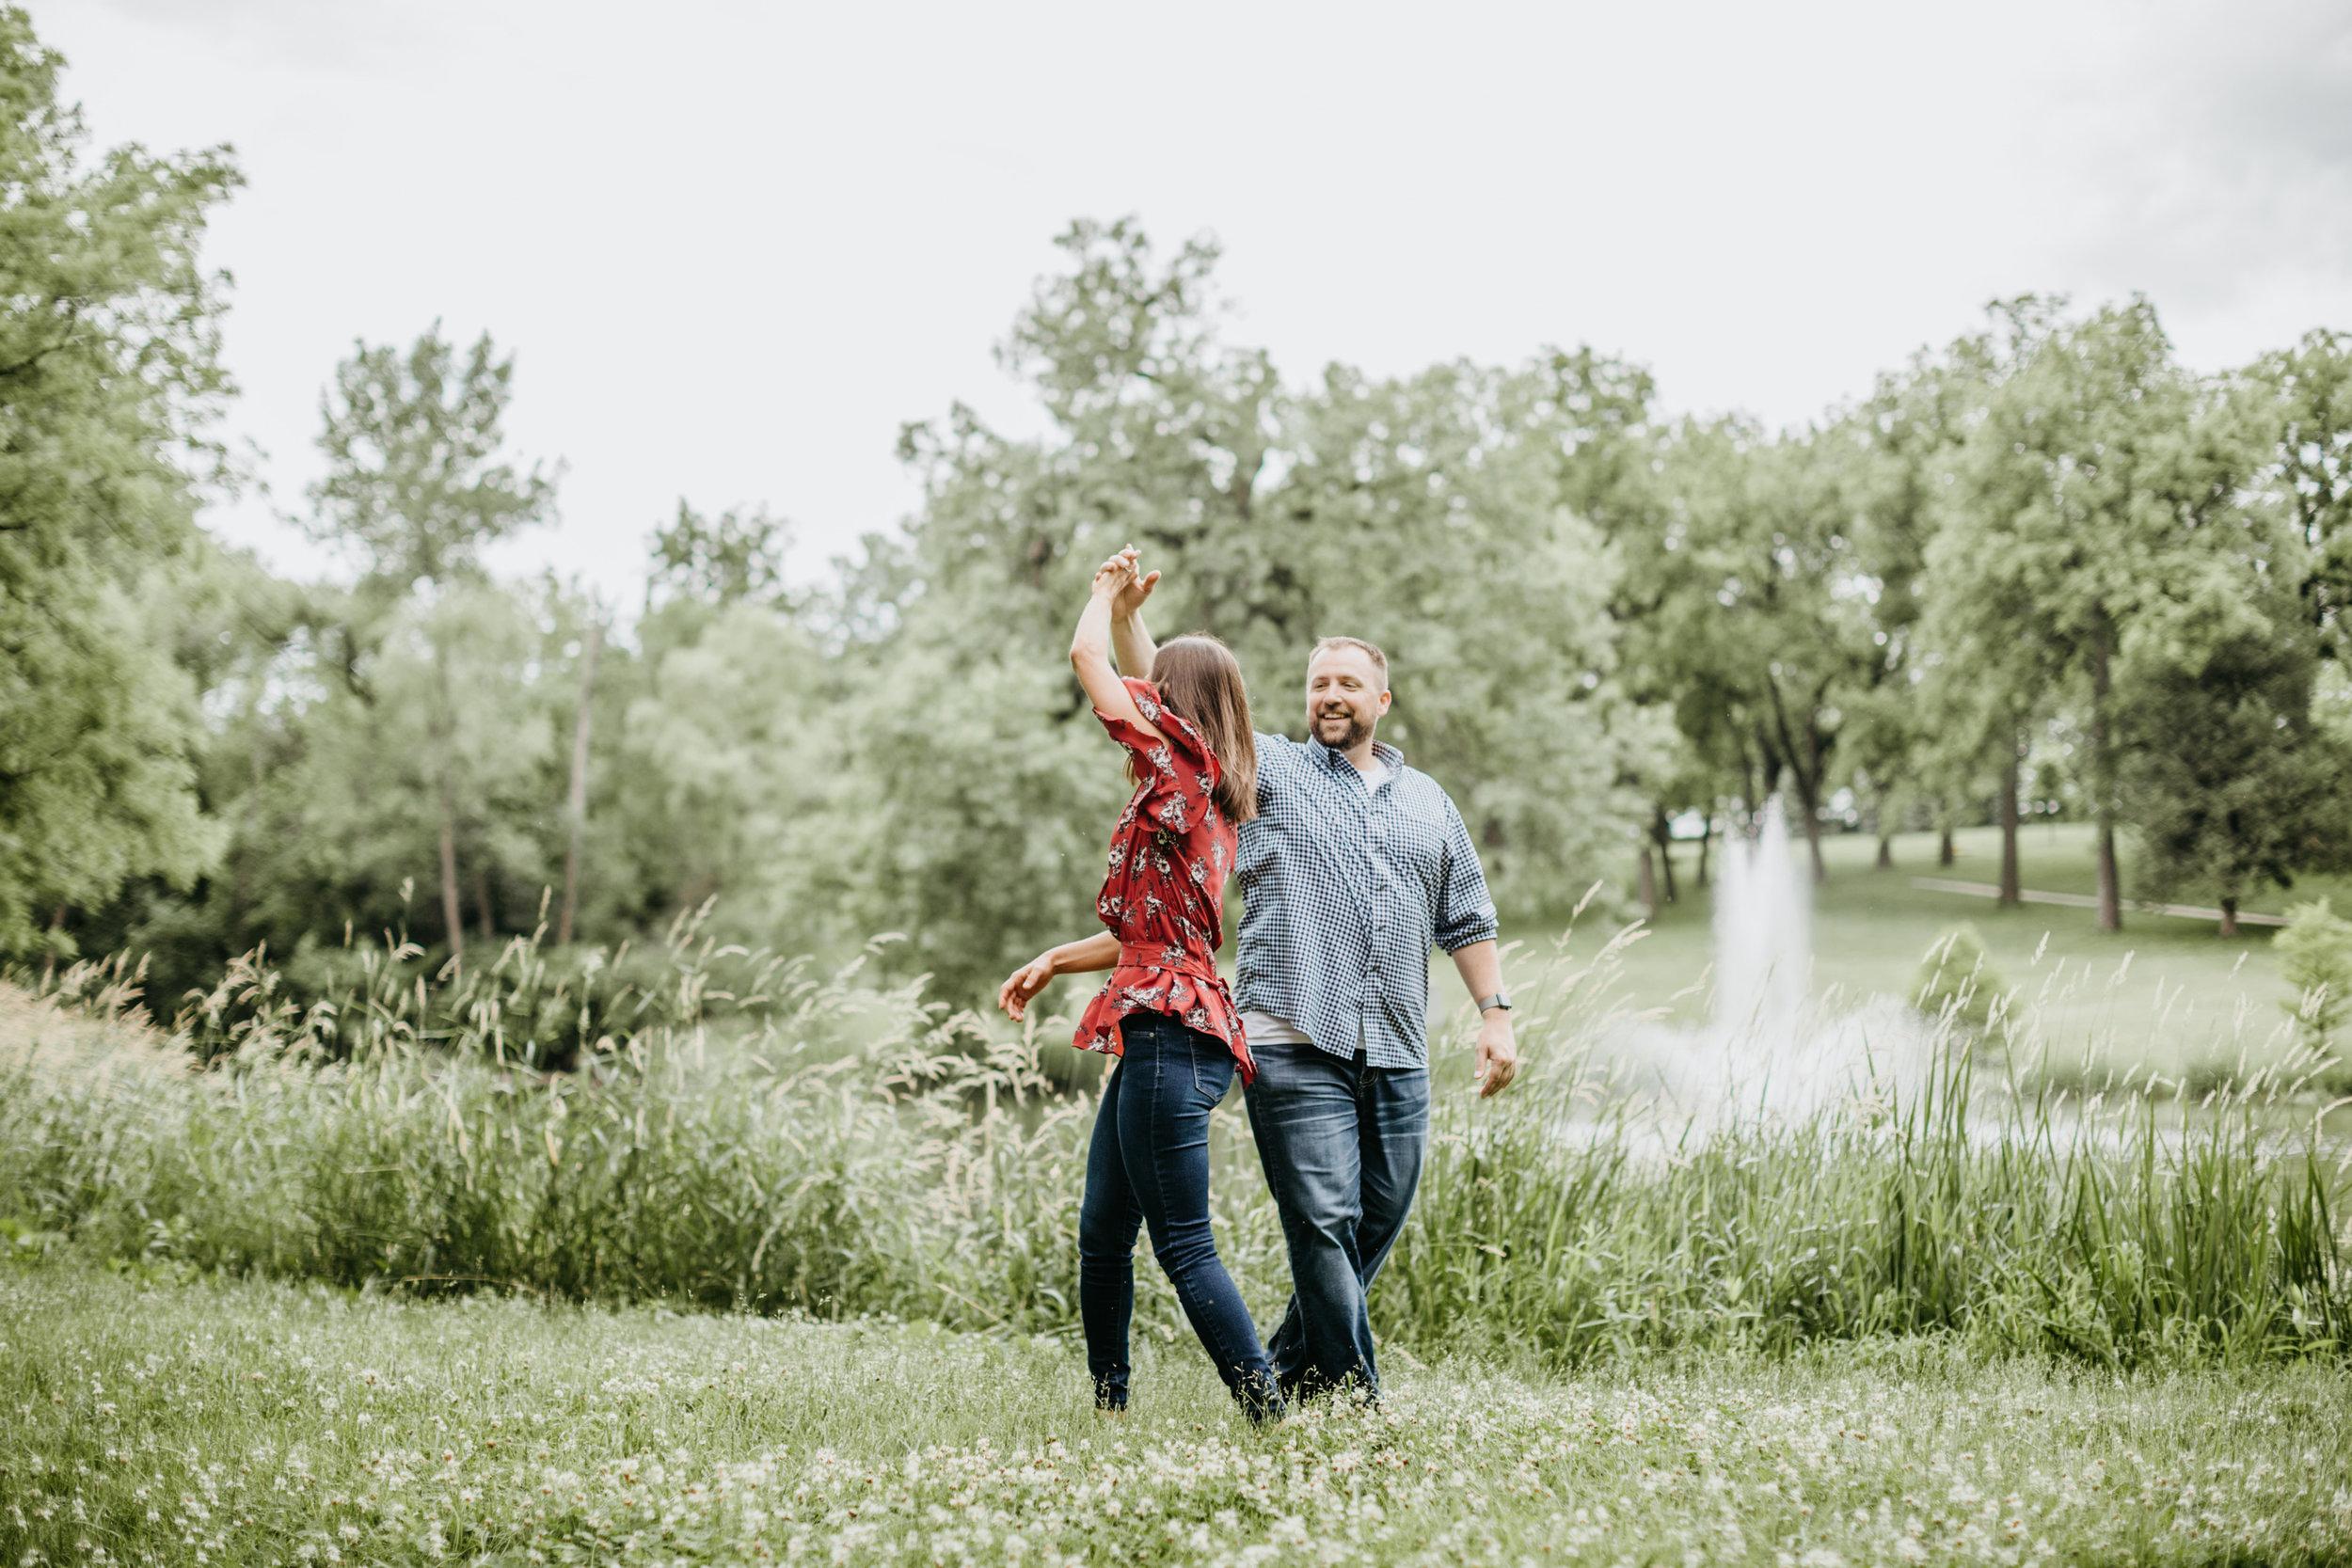 KaylaAndMichael-Engaged-64.jpg